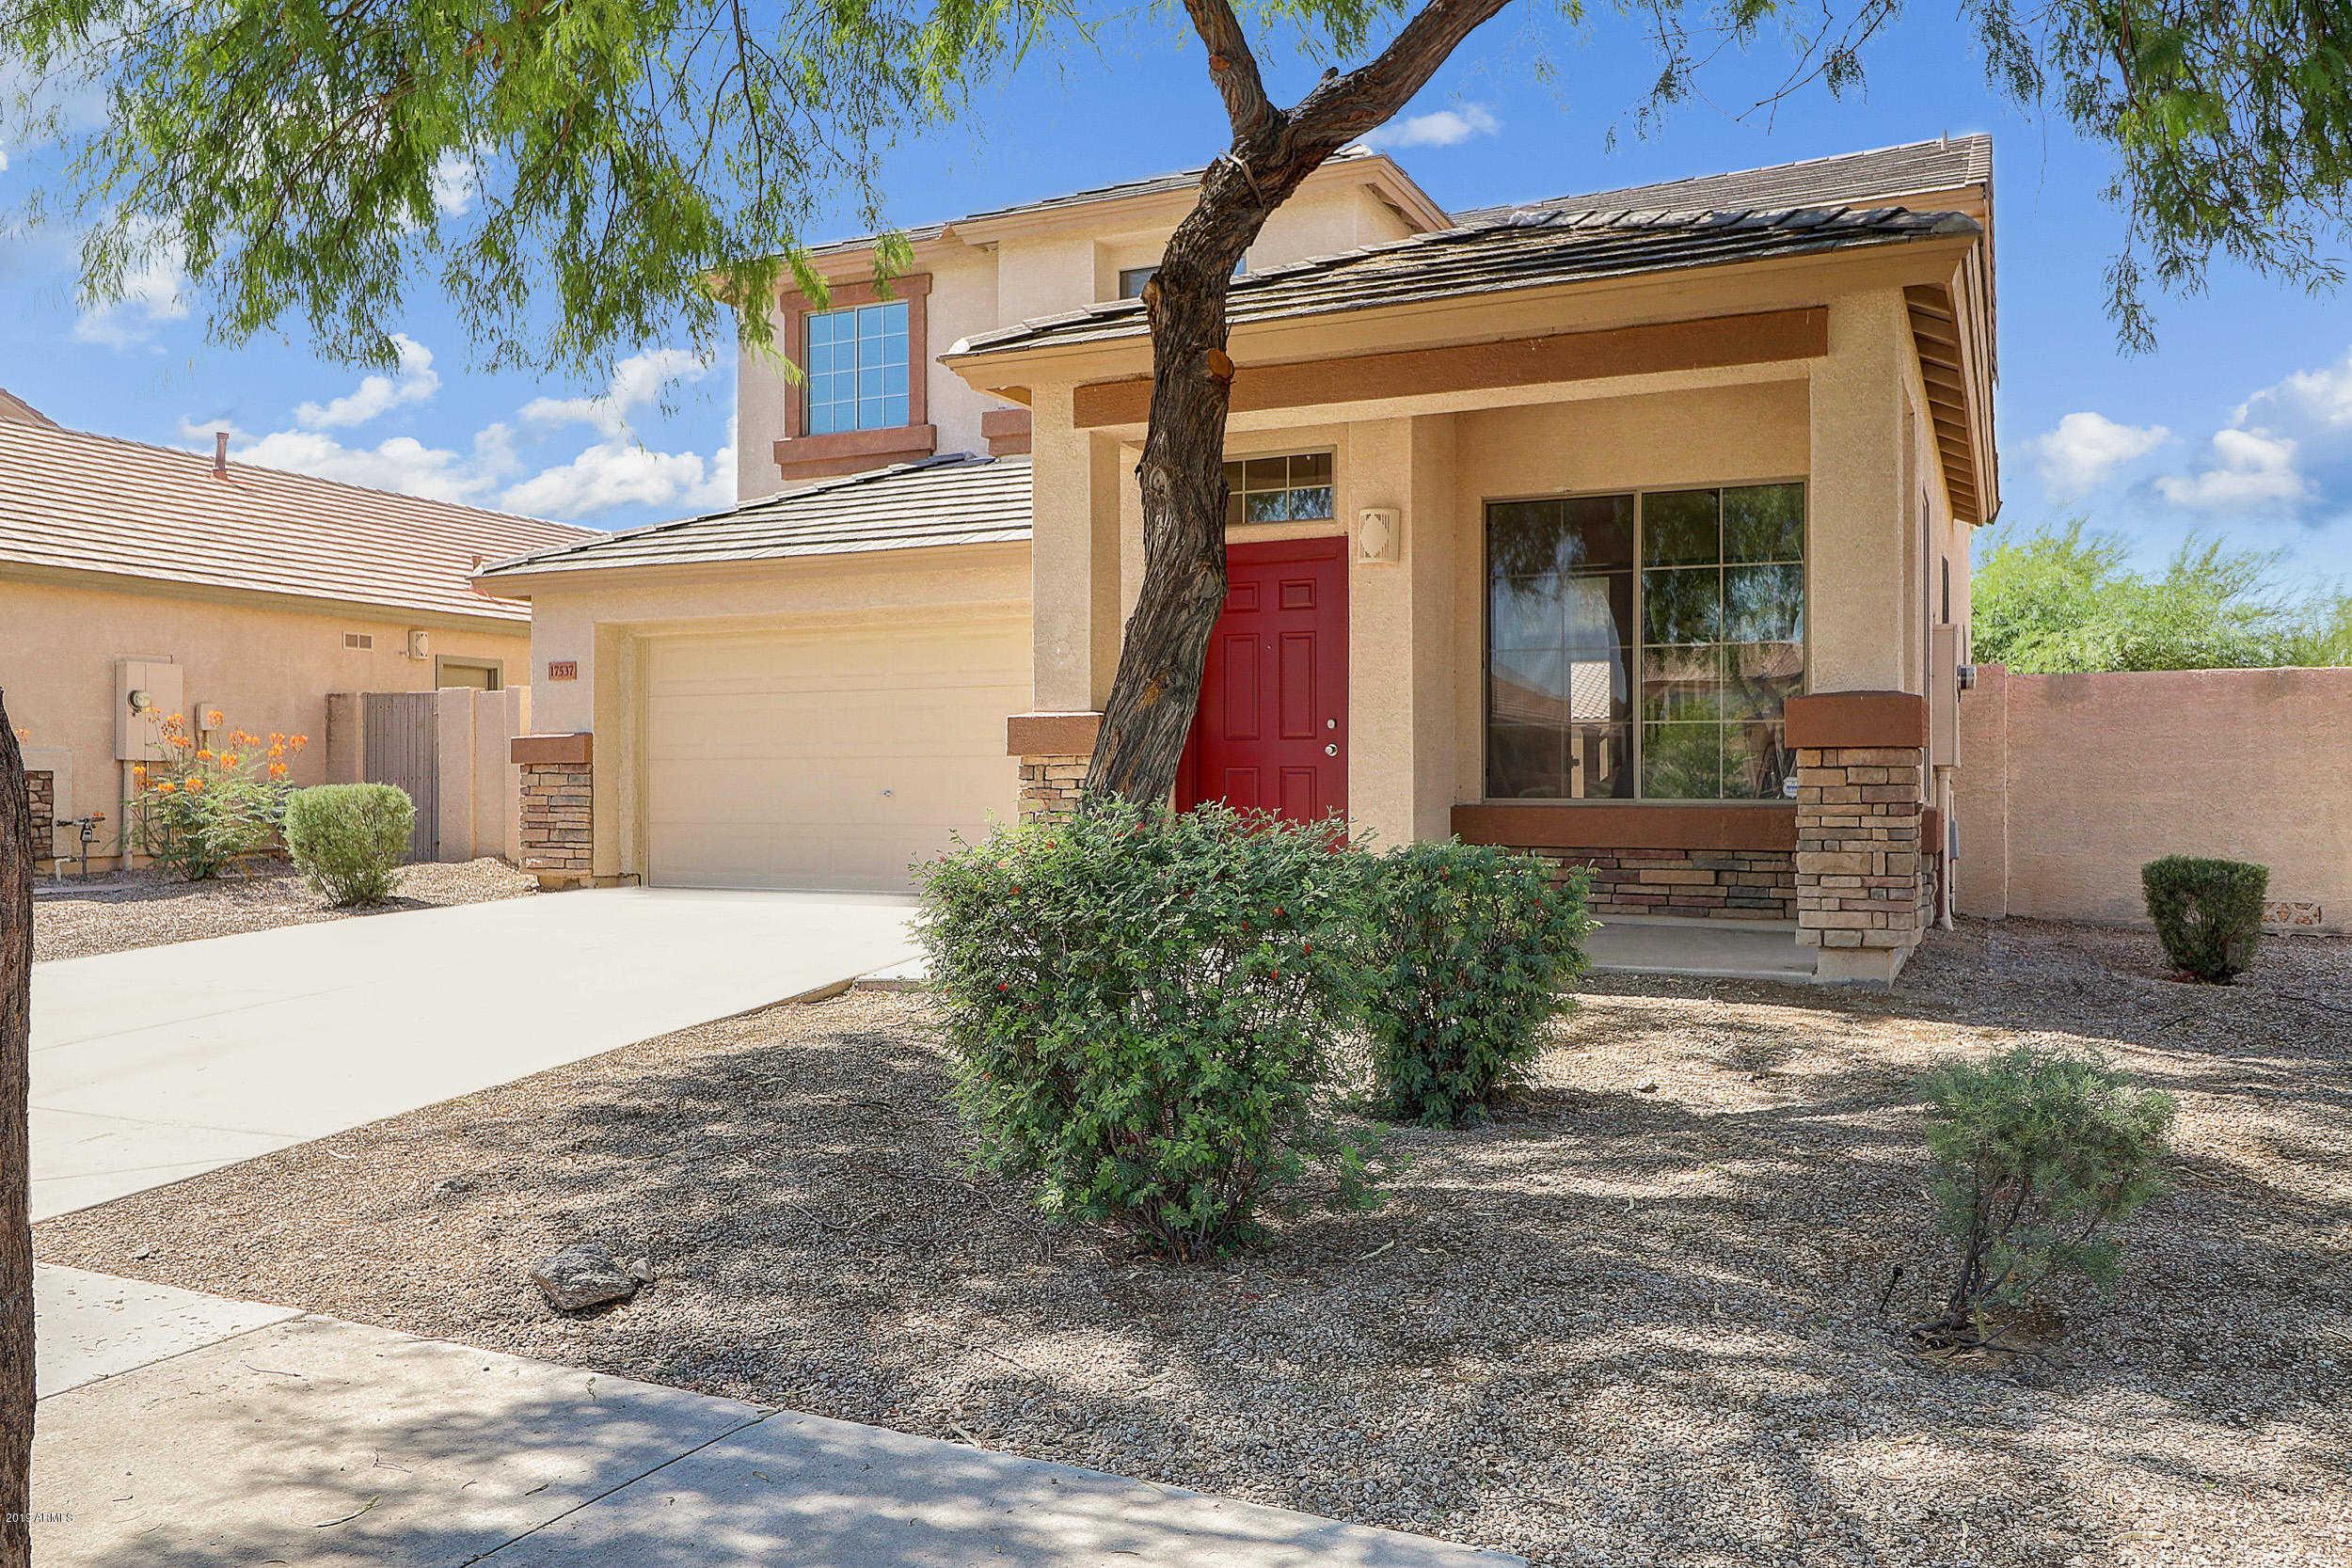 $279,990 - 5Br/3Ba - Home for Sale in Estrella Mountain Ranch, Goodyear